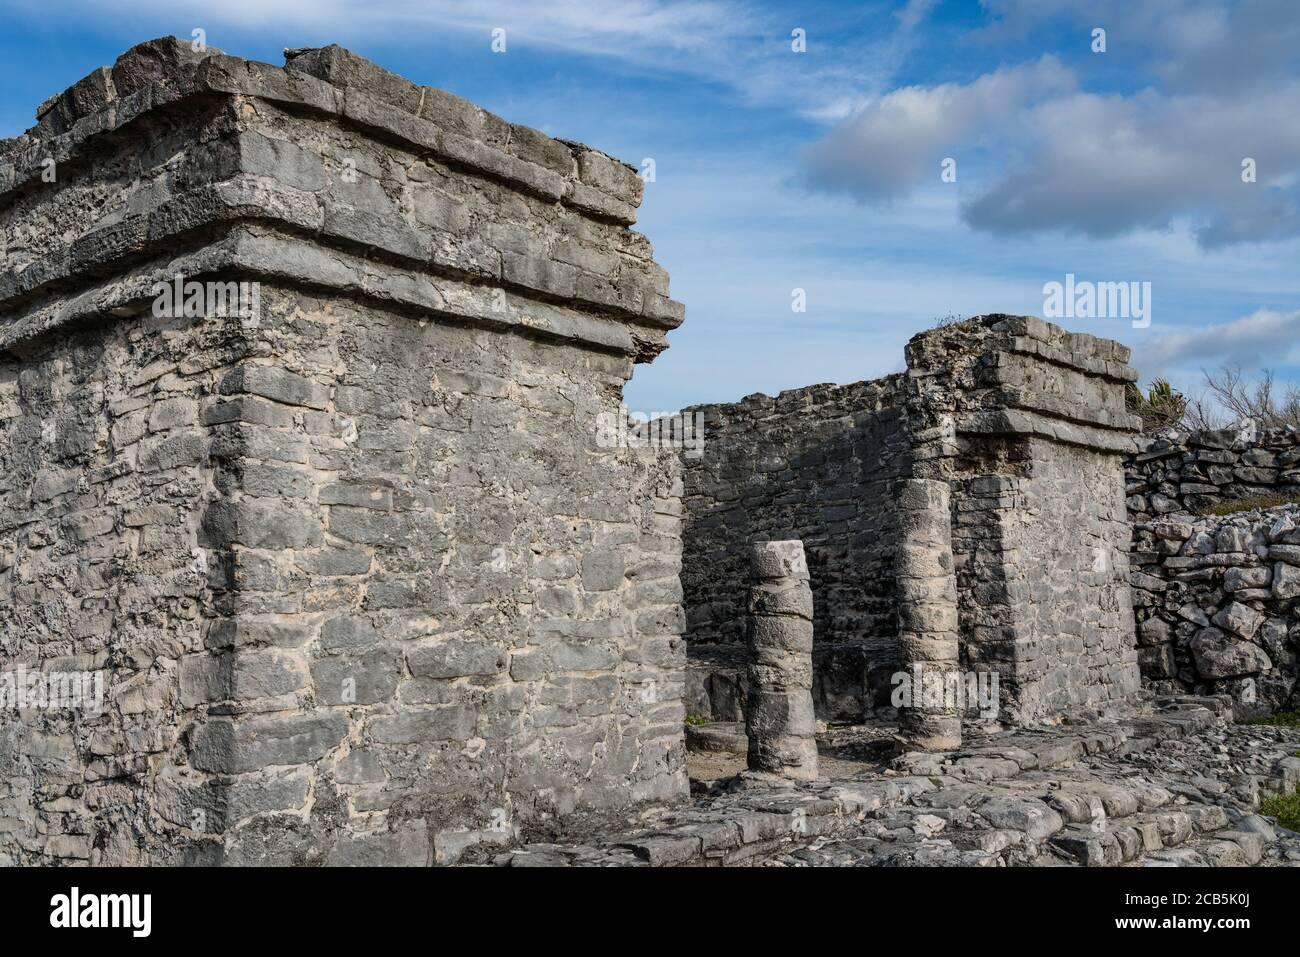 Das Haus des Cenote in den Ruinen der Maya-Stadt Tulum an der Küste des Karibischen Meeres. Tulum National Park, Quintana Roo, Mexiko. IT i Stockfoto